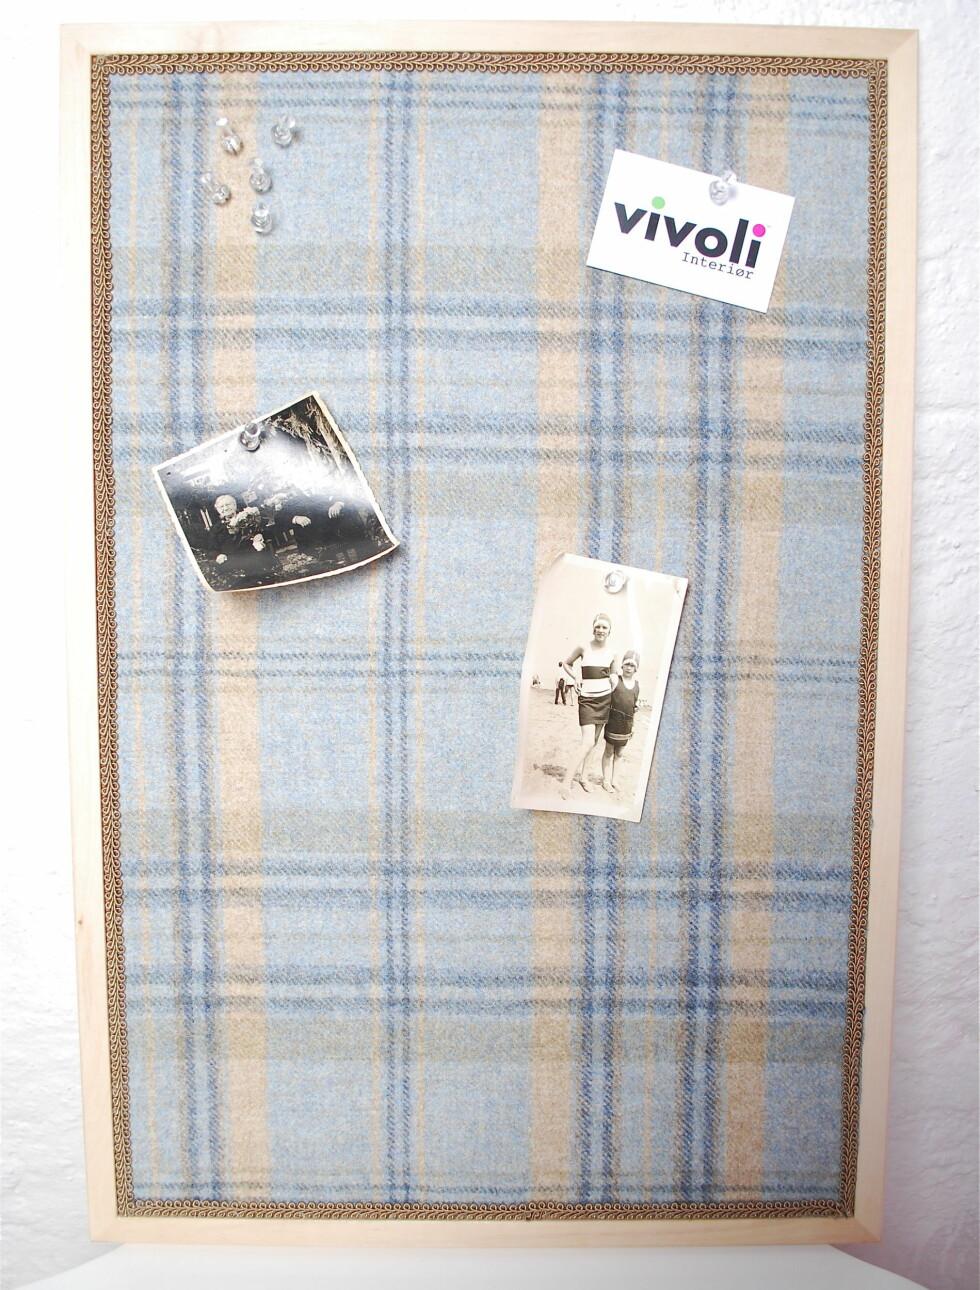 Kr. 450, Vivoli Foto: Vivoli